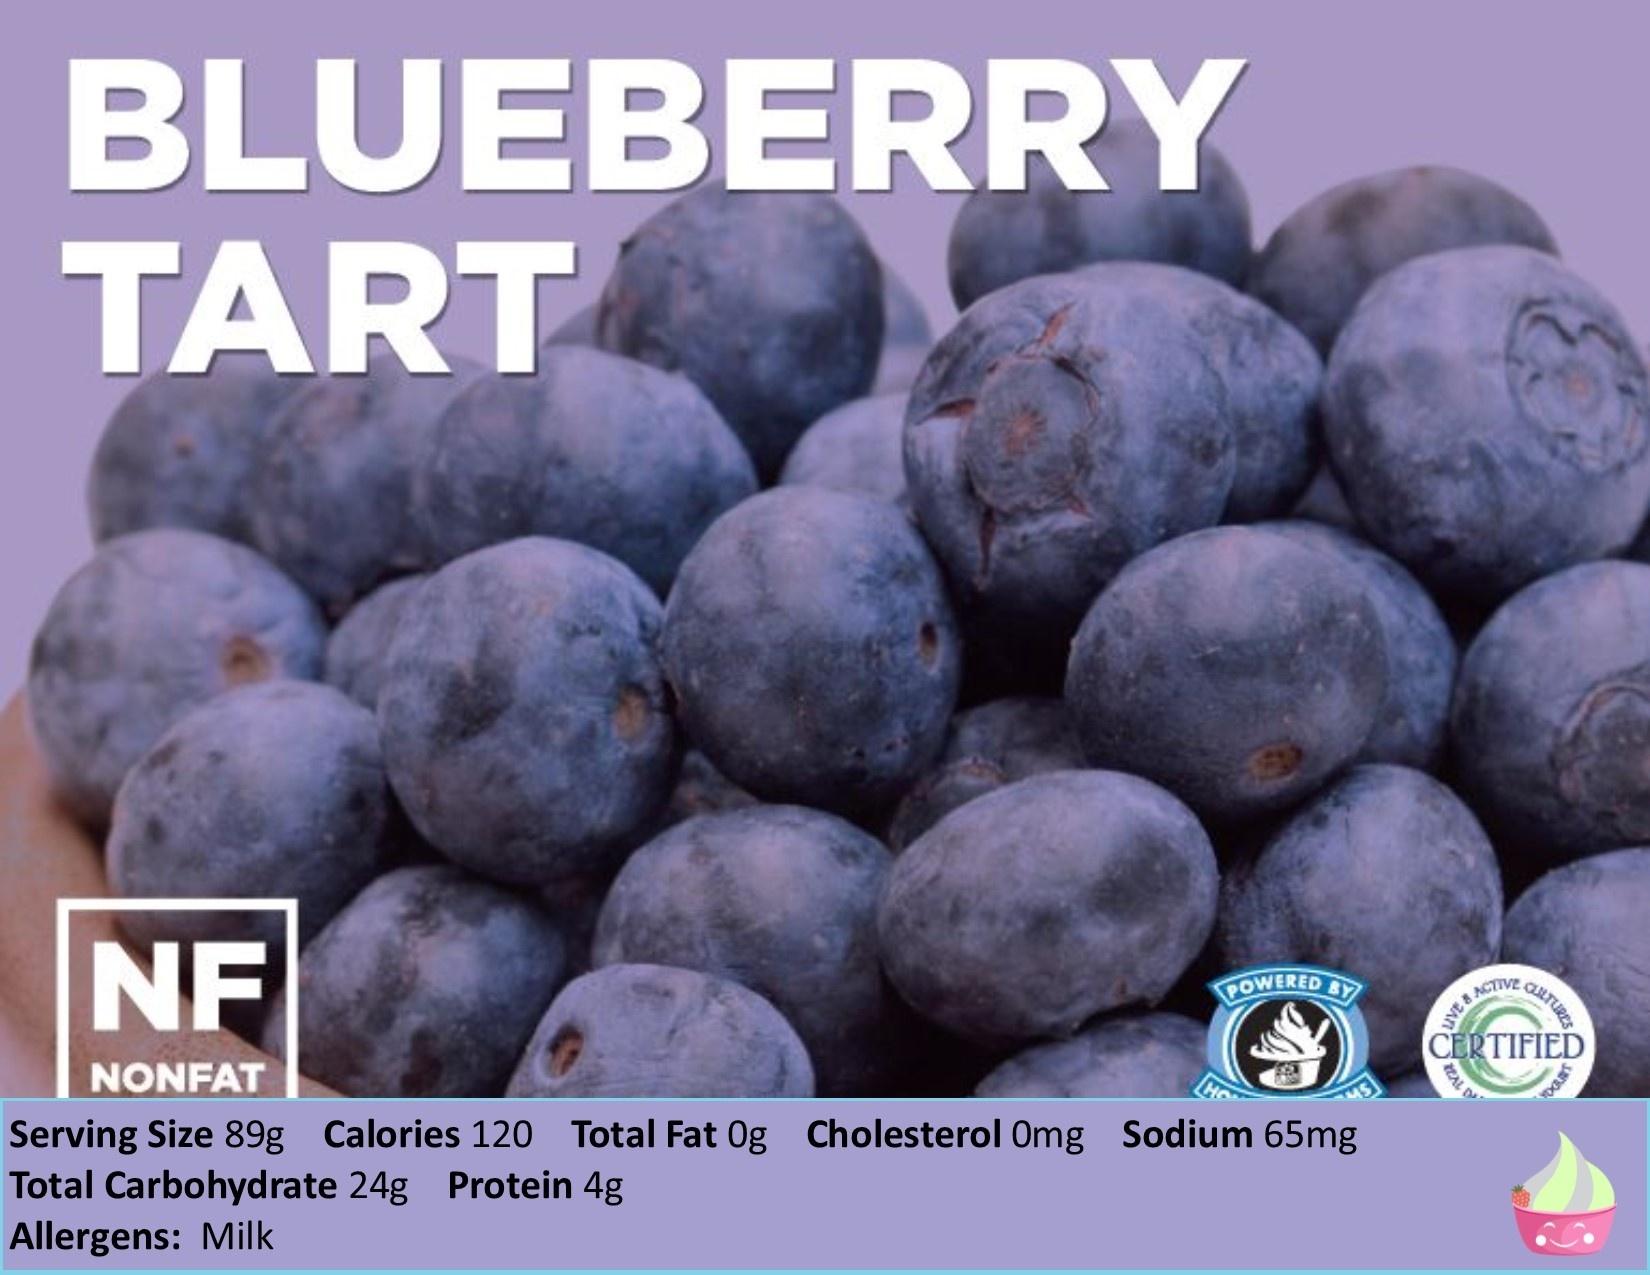 https://0201.nccdn.net/4_2/000/000/053/0e8/Blueberry-Tart-NF-1650x1275-1650x1275.jpg